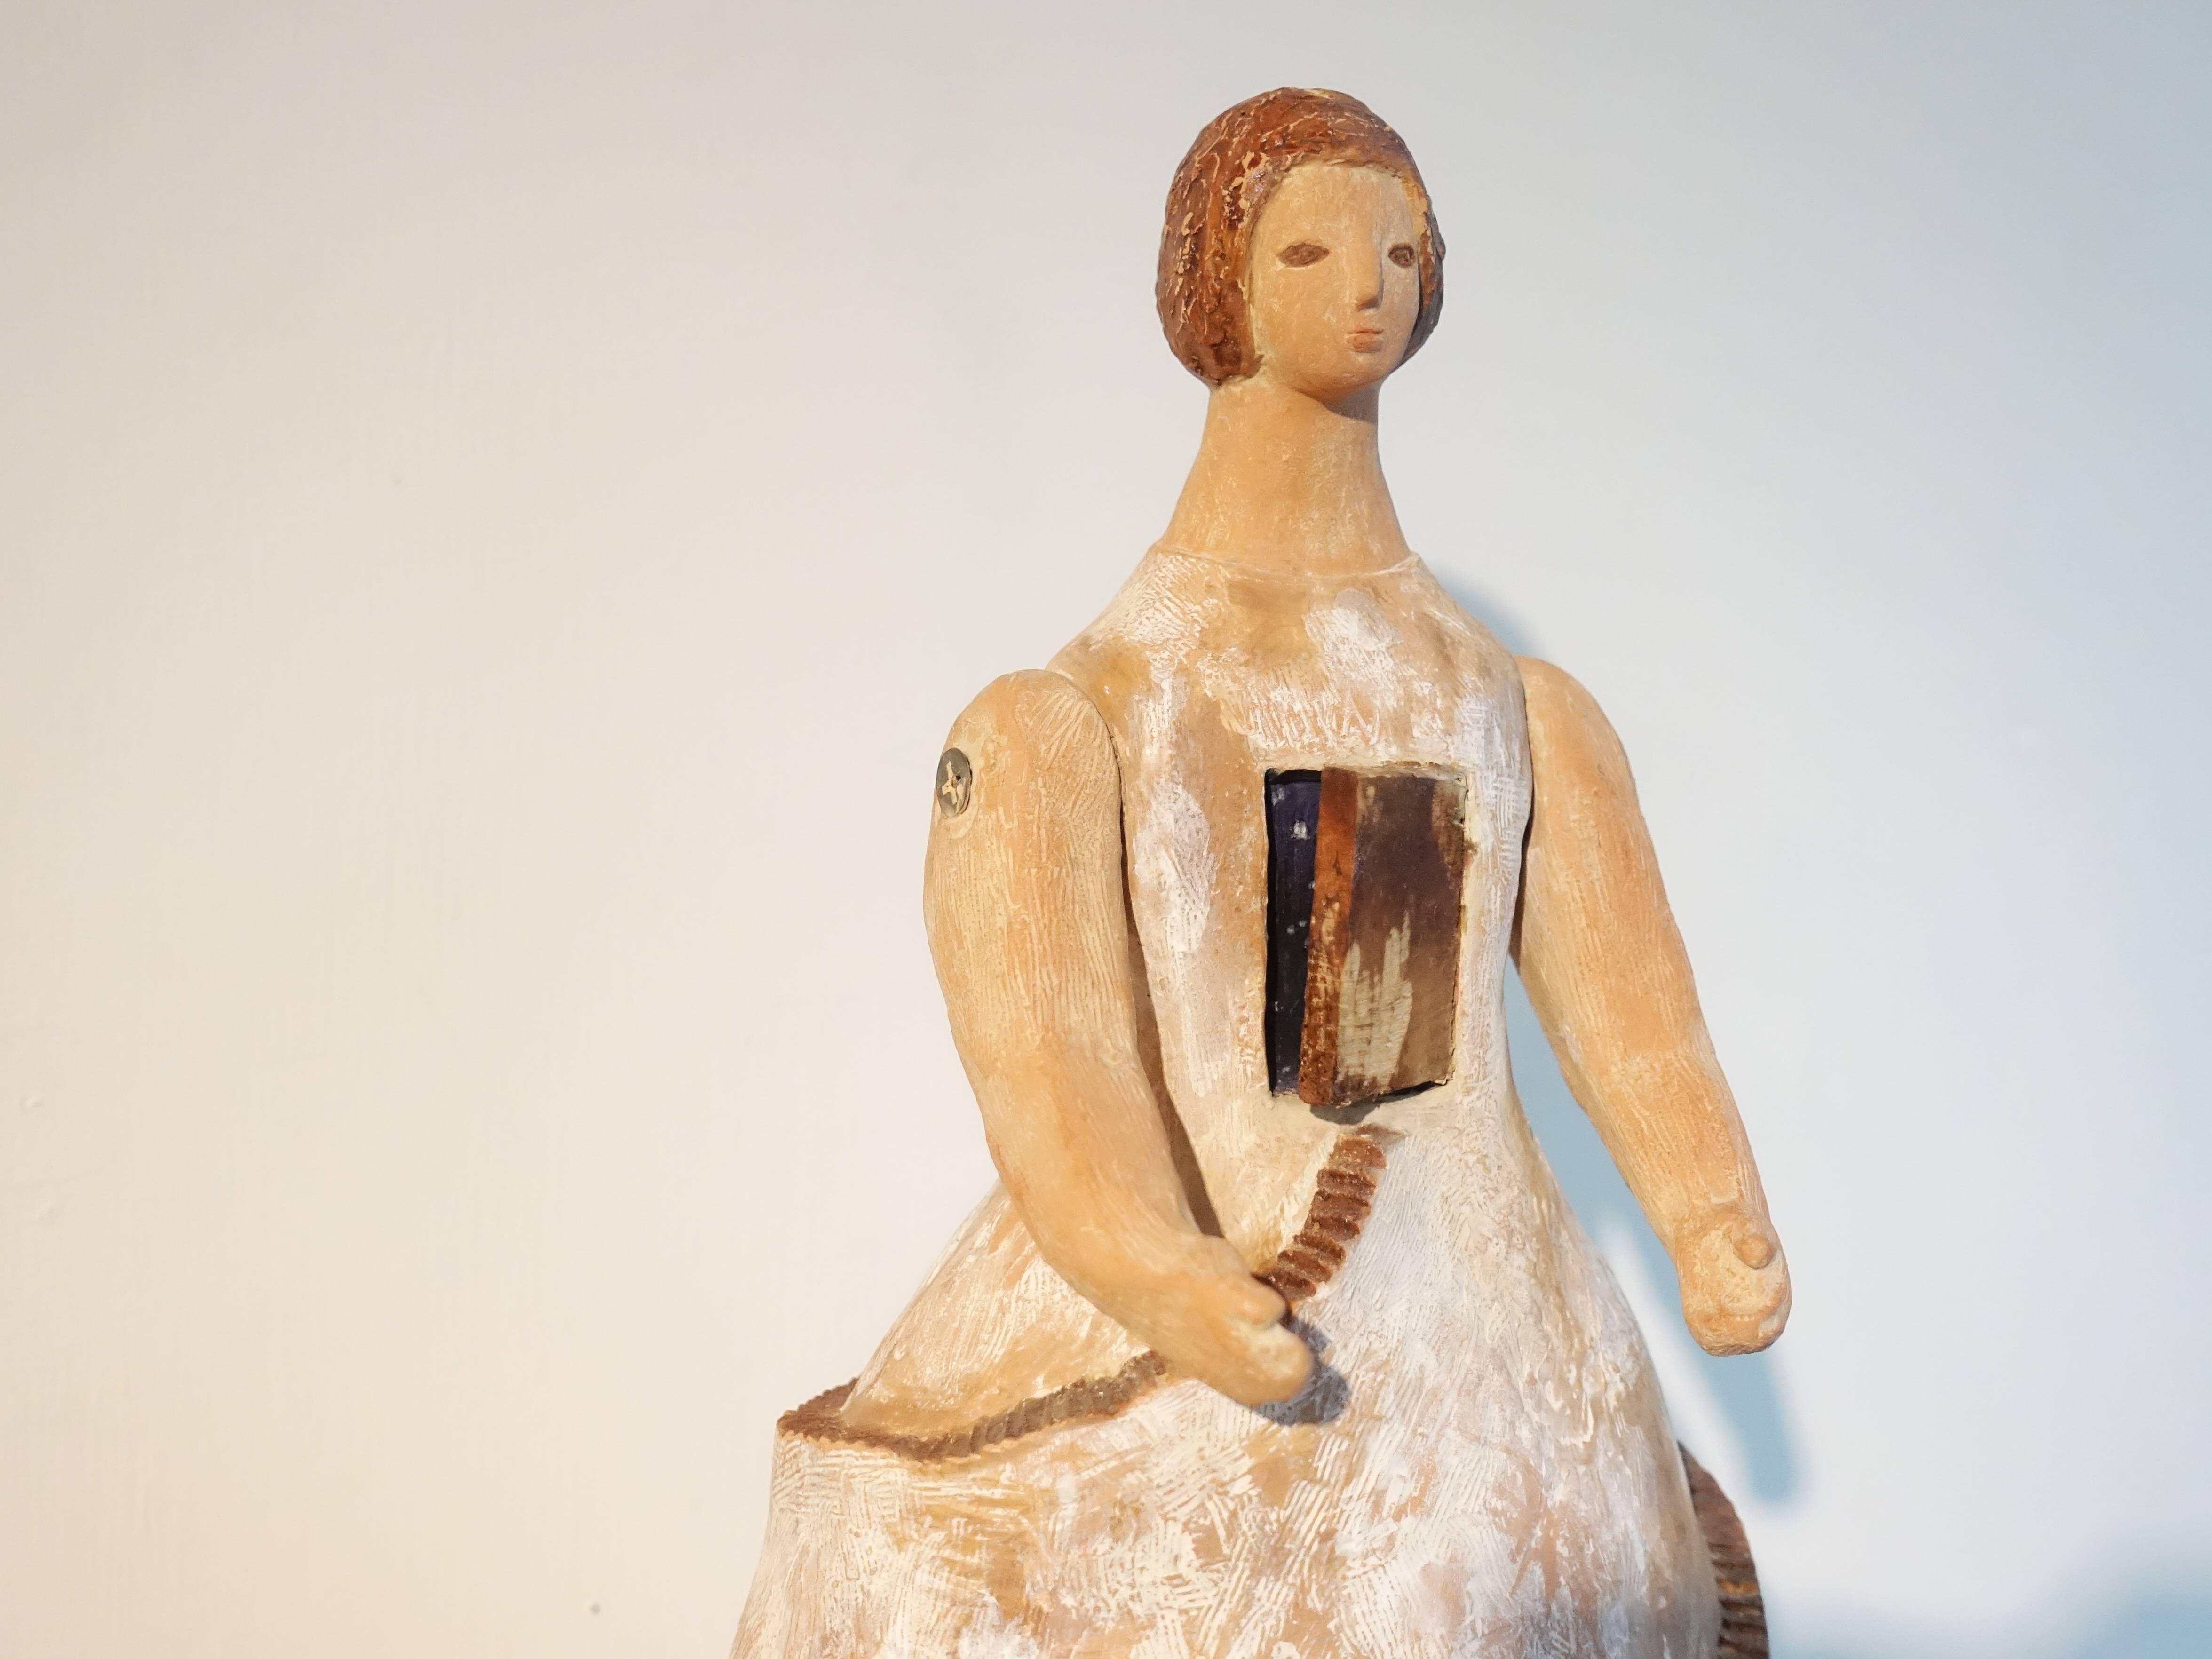 林怡芬,《通往原鄉的路》細節,30 x 20 x 15 cm,Terra cotta、礦物質顏料,2019。